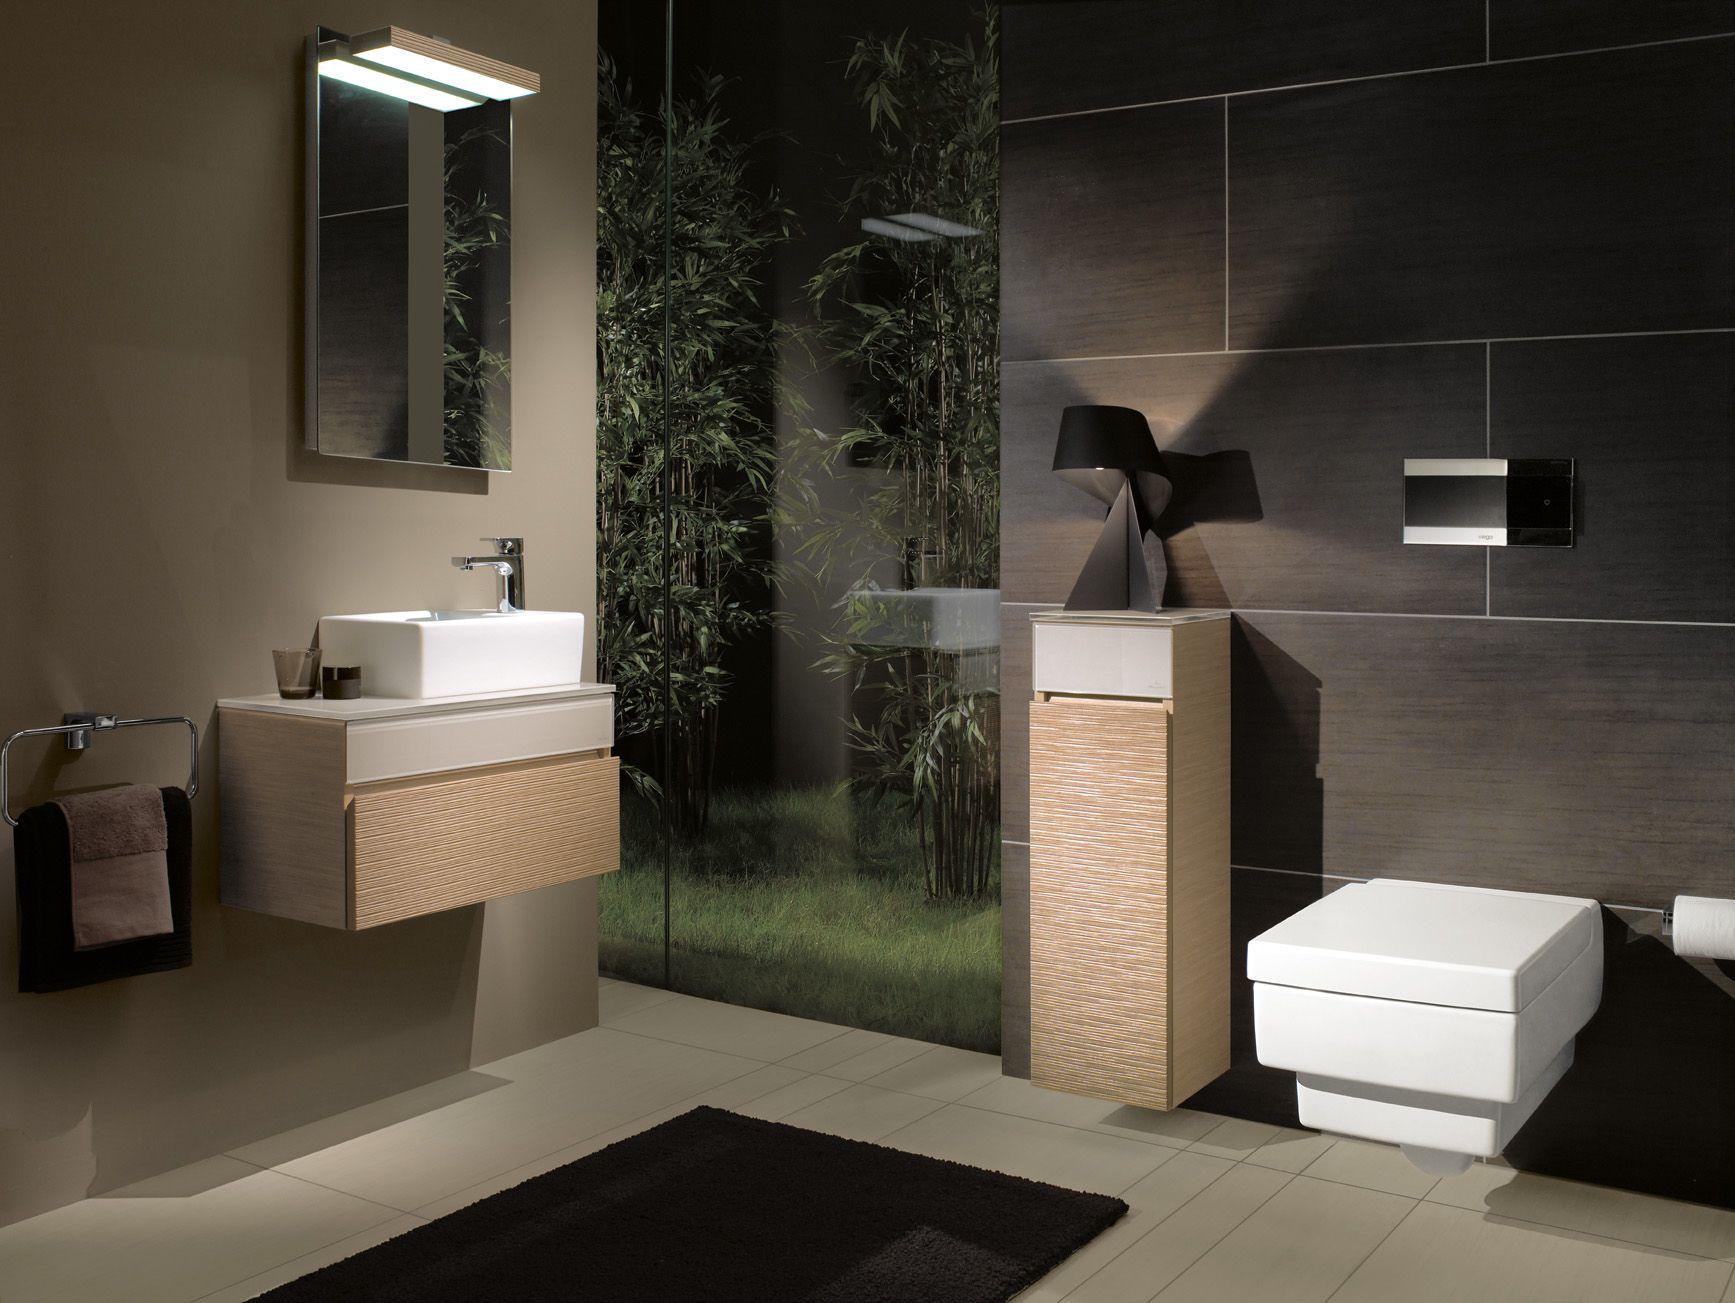 pomys na wyposaenie azienki villeroy boch memento small bathroom